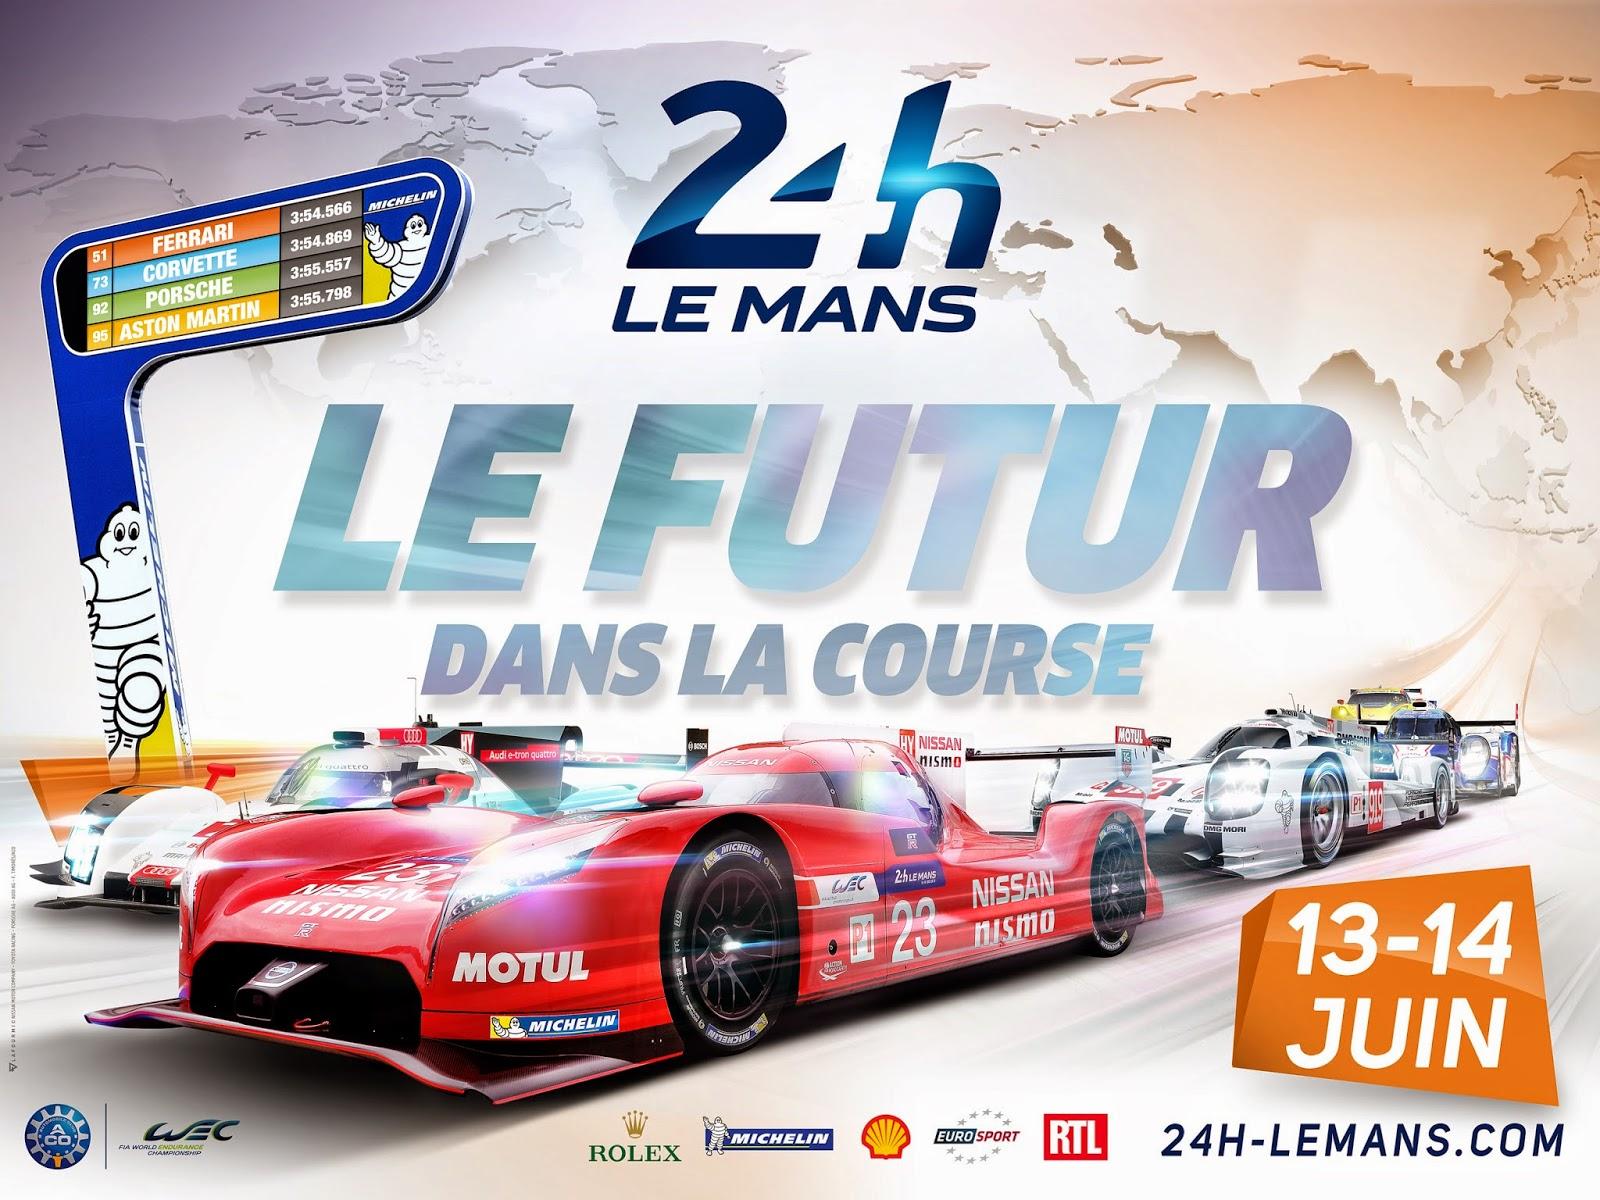 Affiche officielle des 24 Heures du Mans 2015